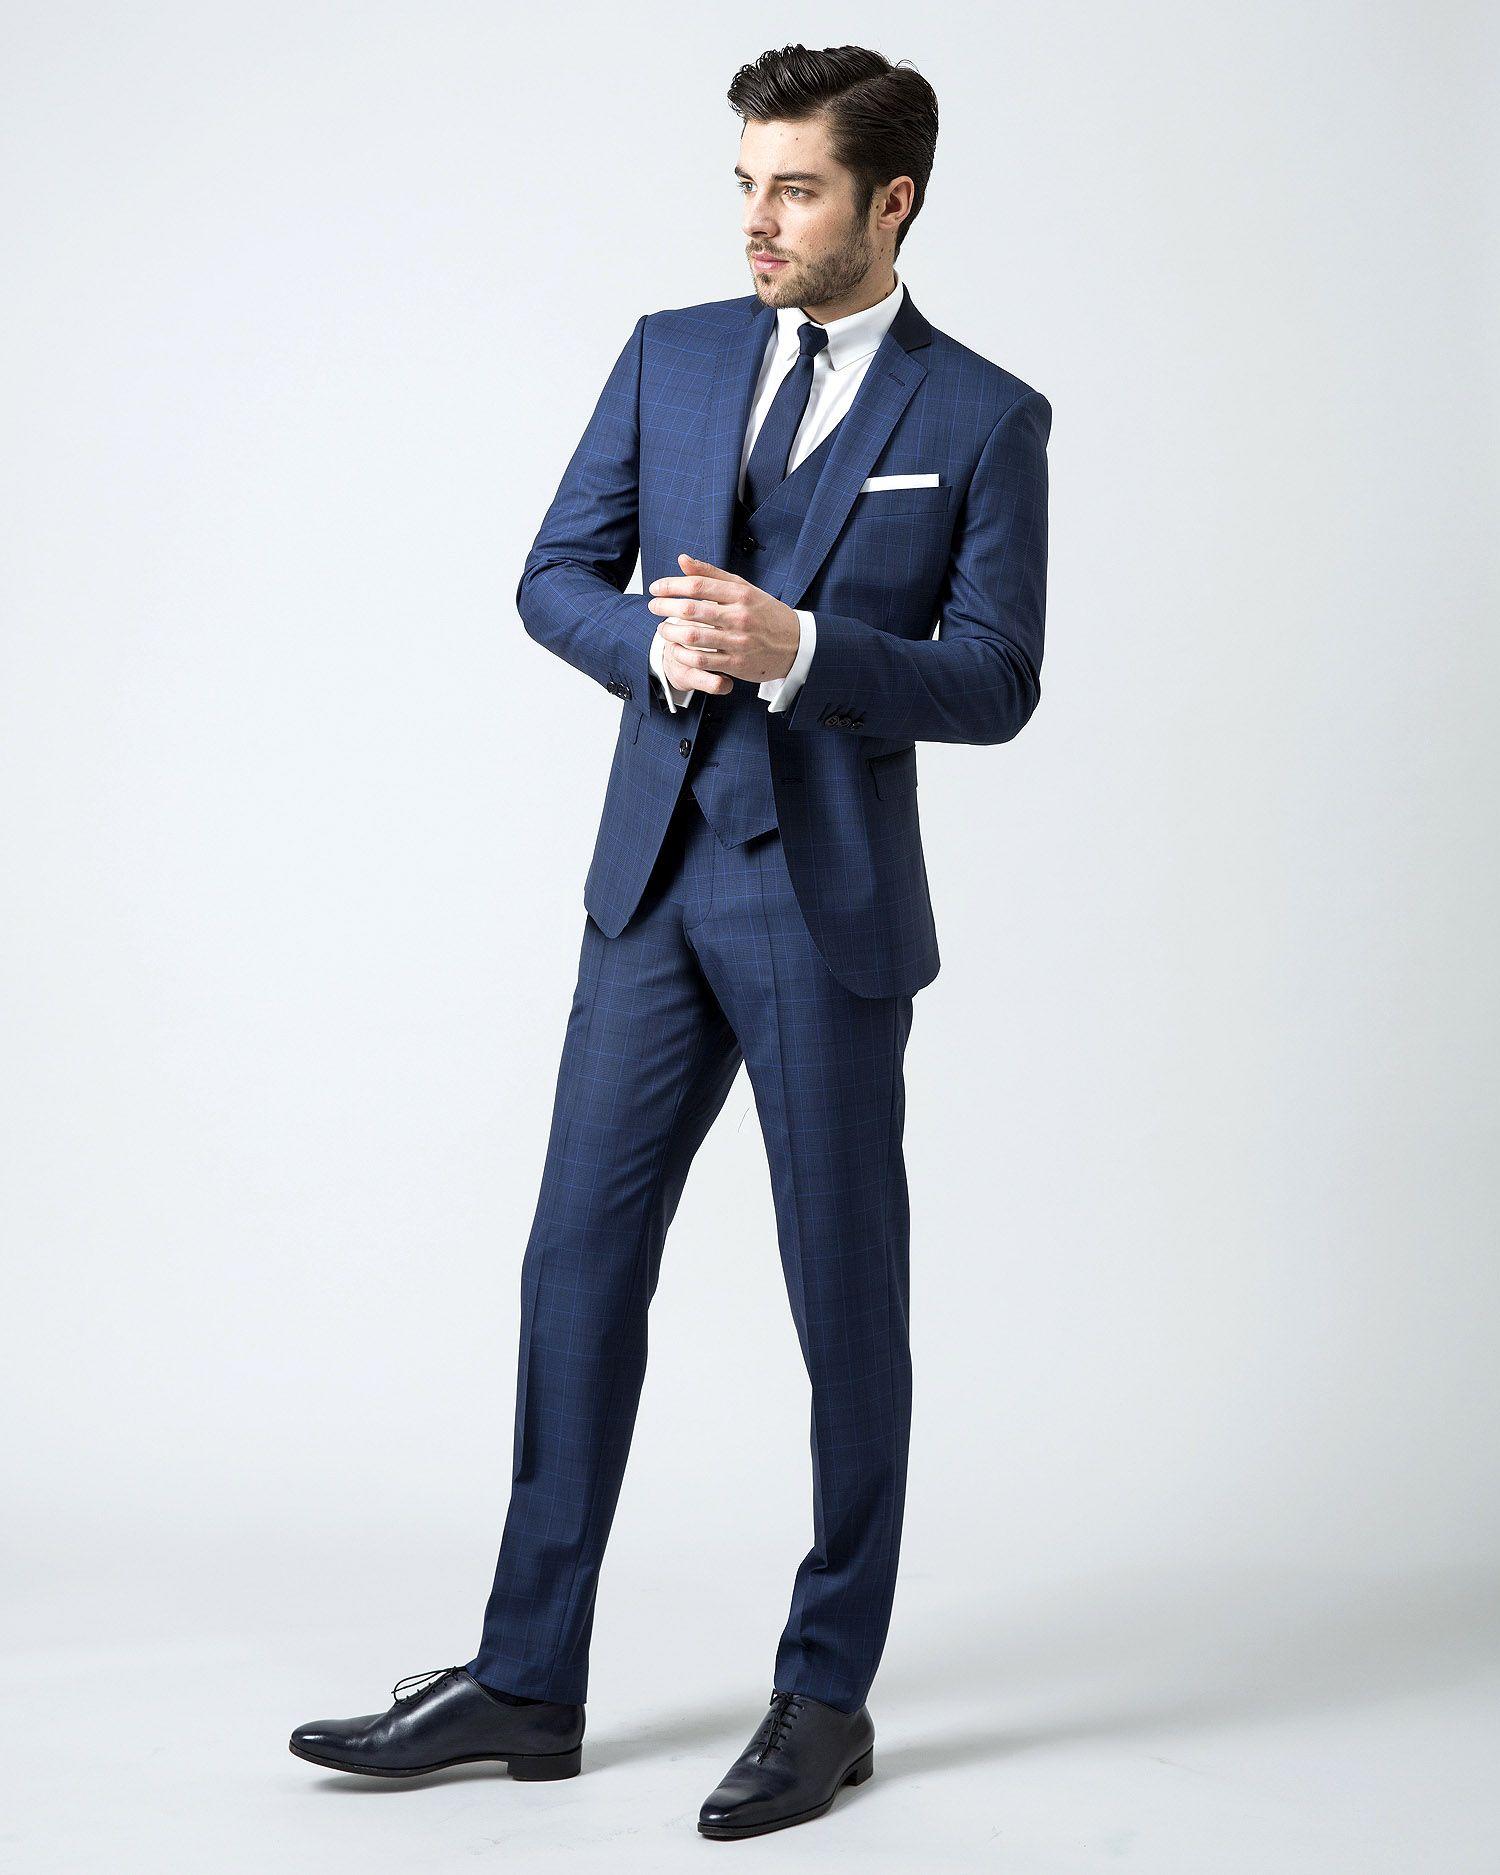 Populaire Costume 3 pièces prince de galles bleu | Slim-Stylish-Suits  VU18